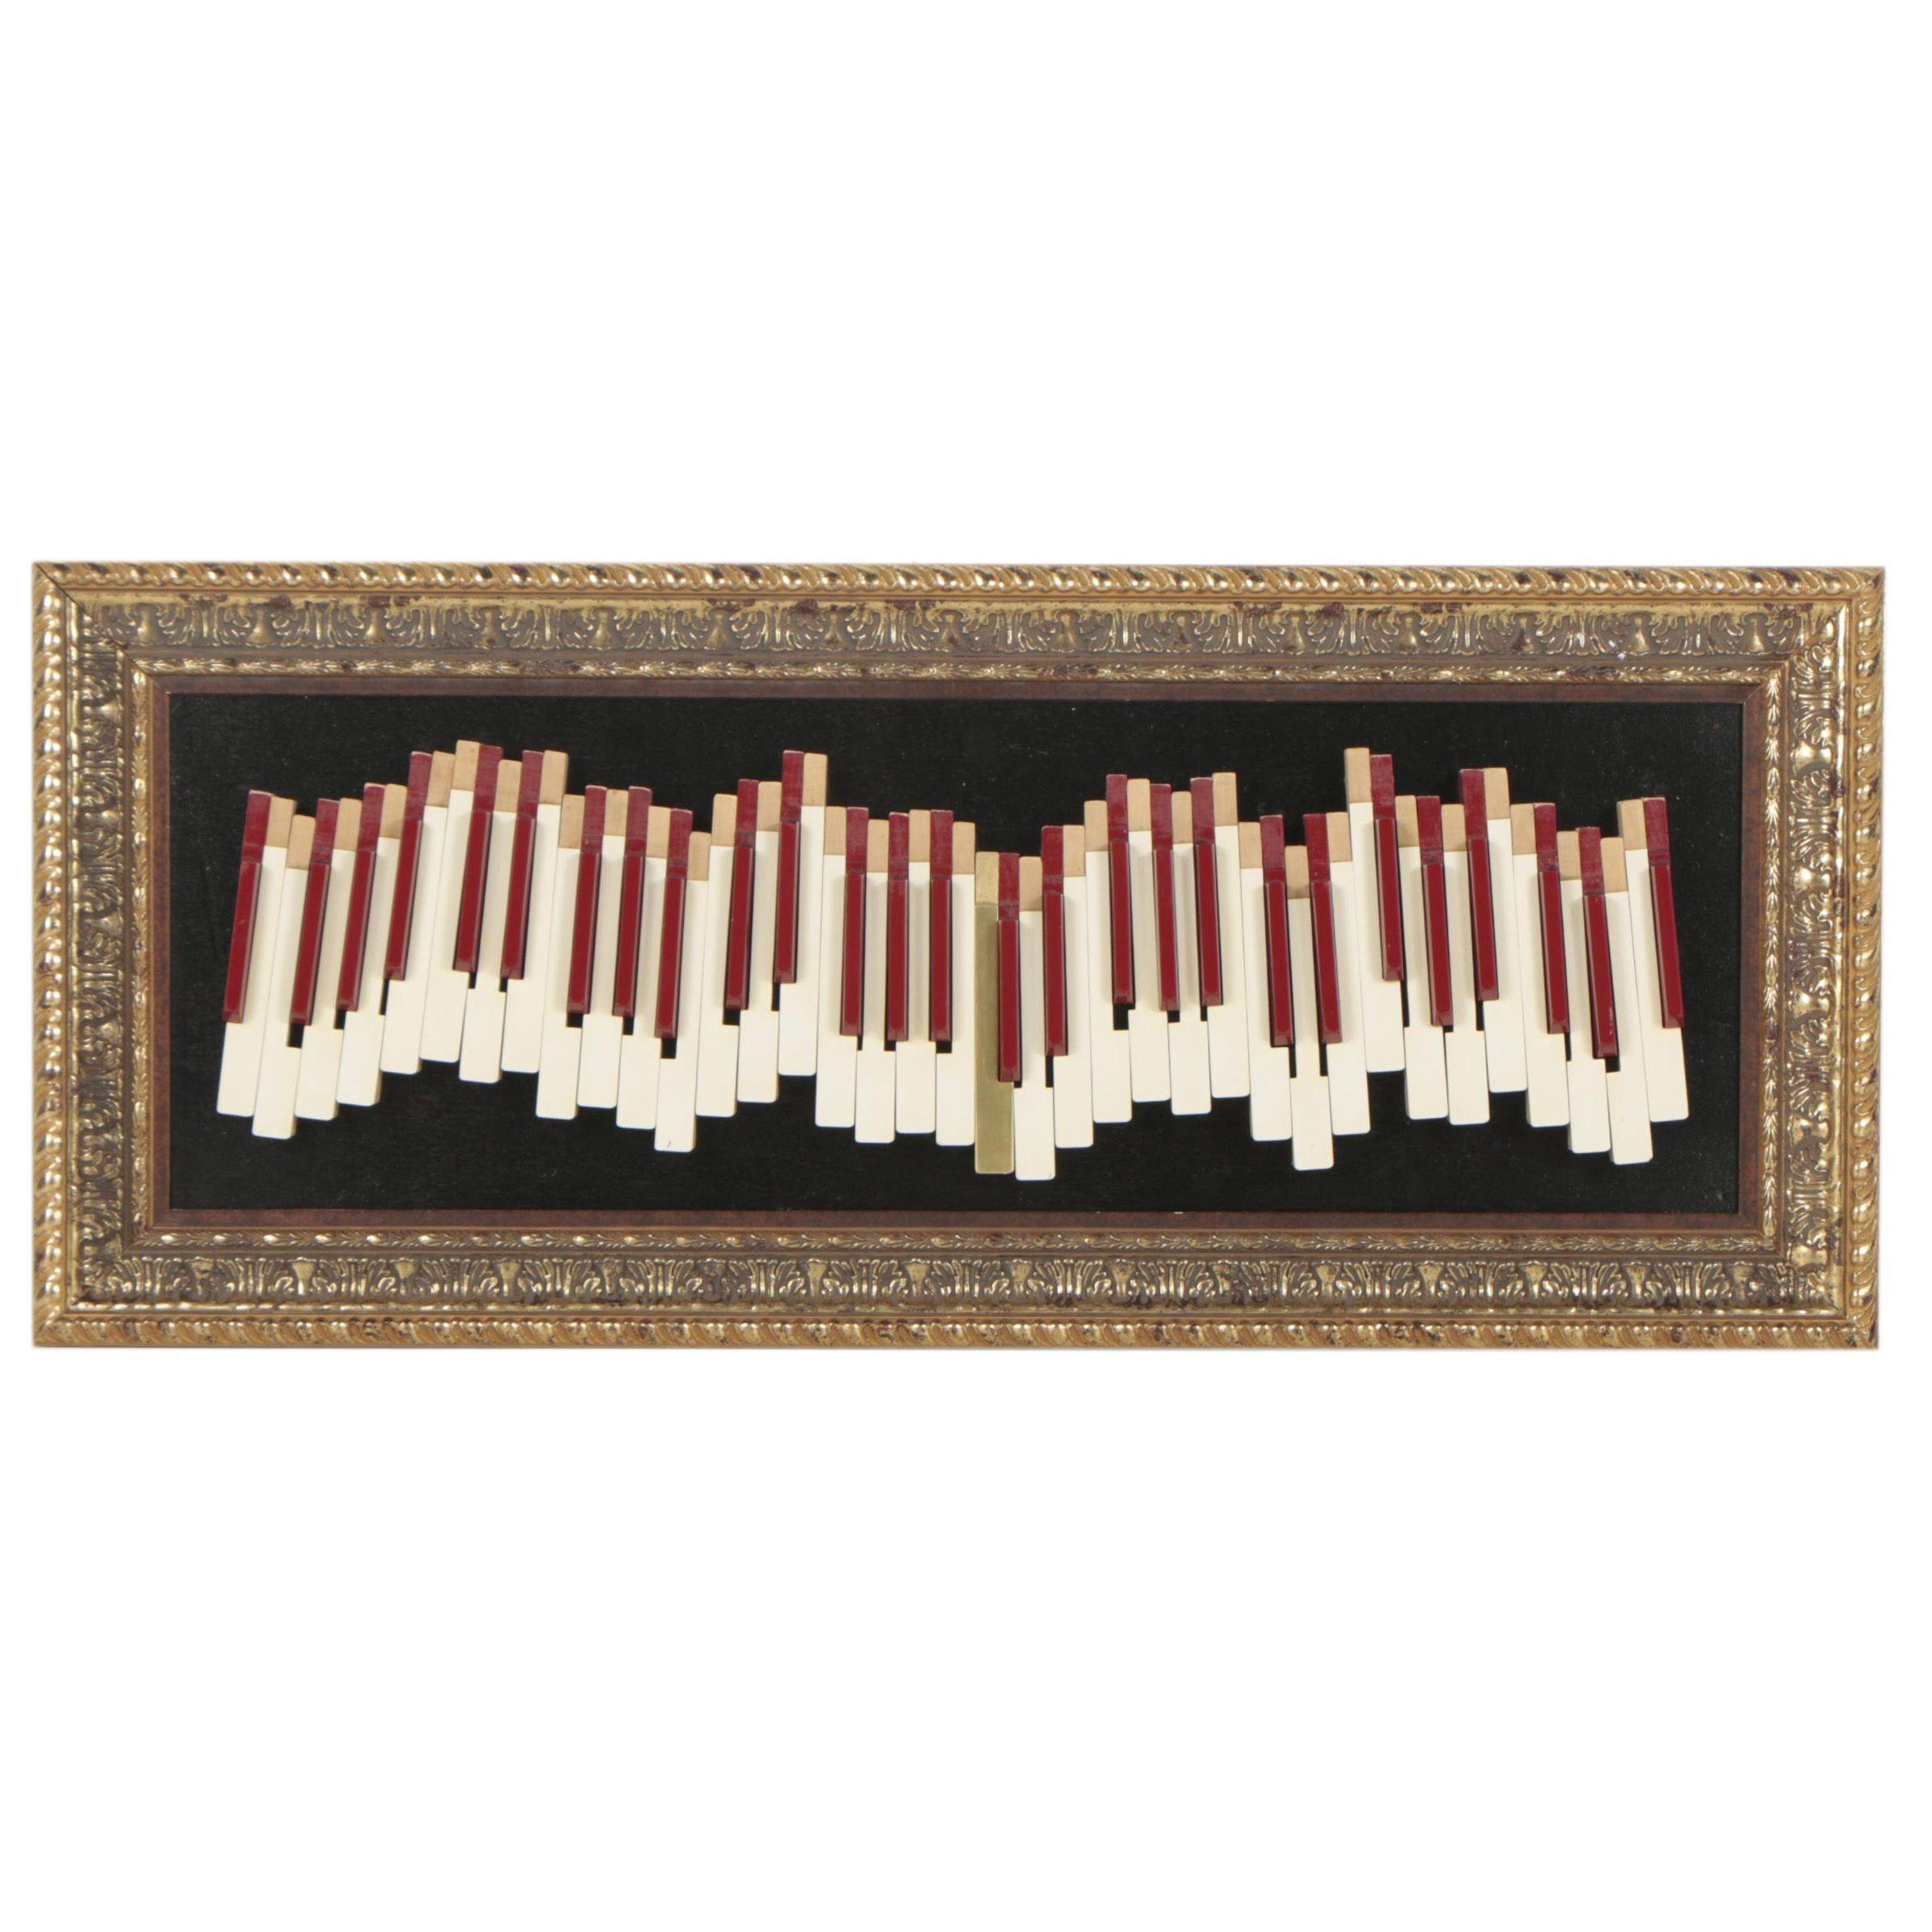 Decorative Piano Key Art